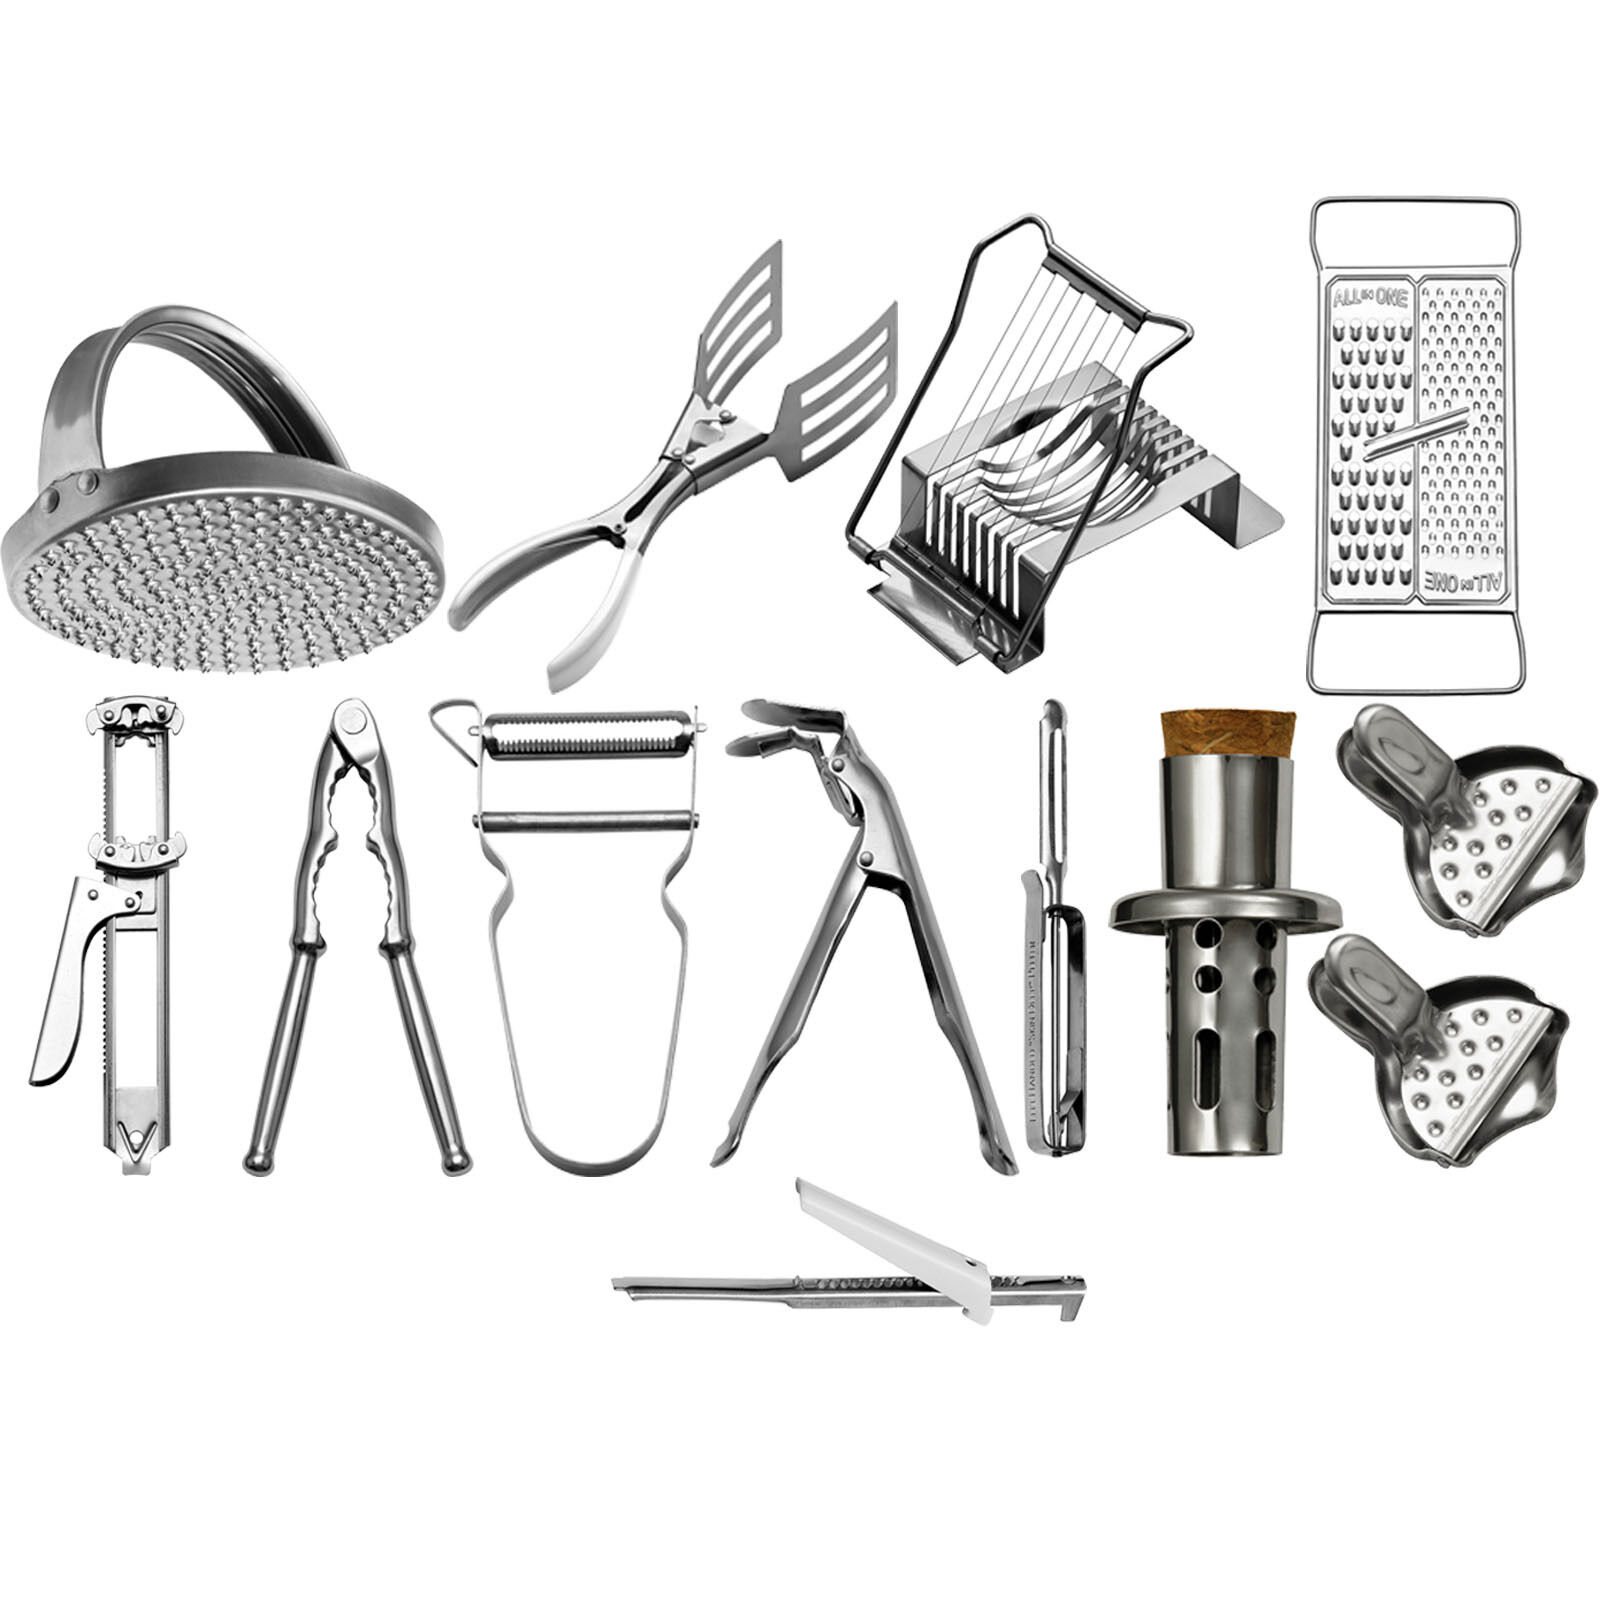 12 Assorted Bygone Kitchen Gadgets Metal Grater Peeler Kitch